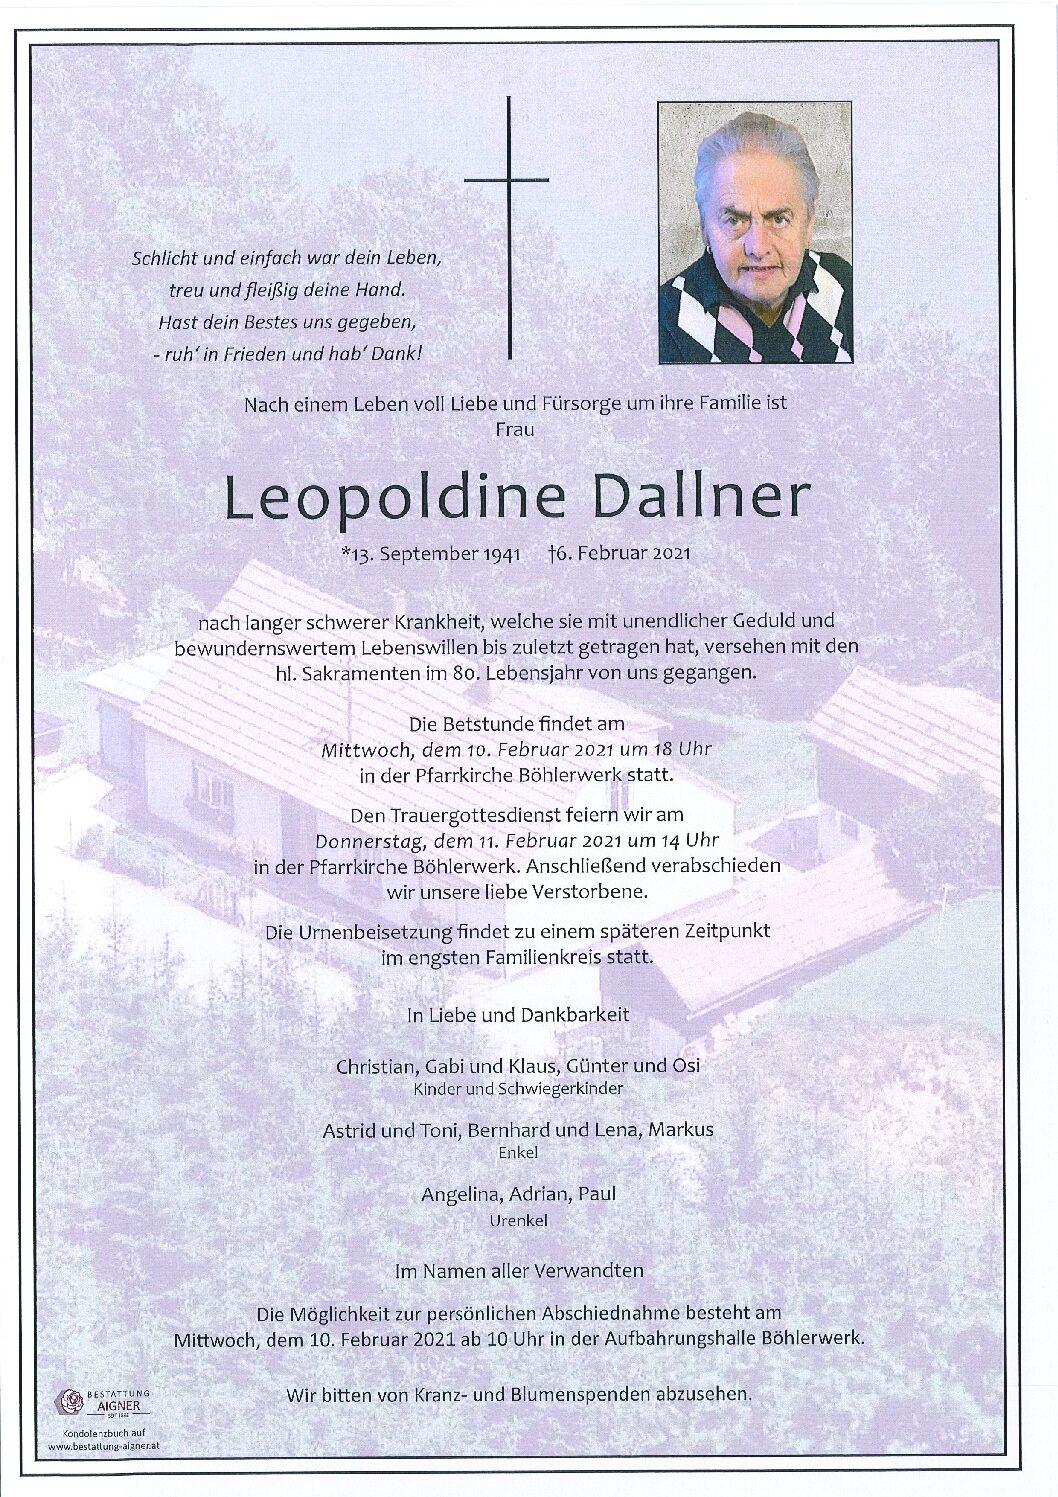 Leopoldine Dallner